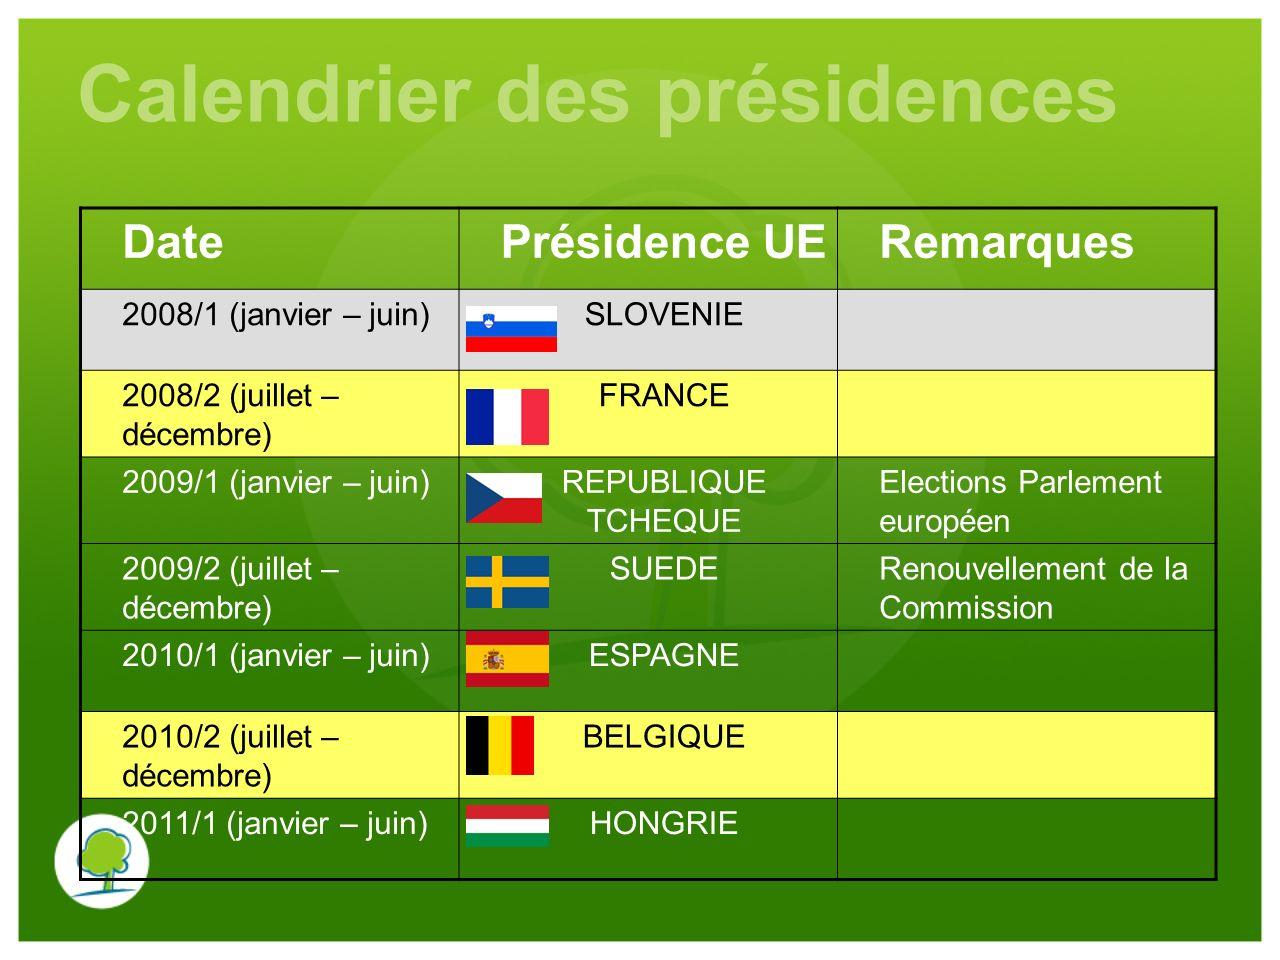 Calendrier des présidences DatePrésidence UERemarques 2008/1 (janvier – juin)SLOVENIE 2008/2 (juillet – décembre) FRANCE 2009/1 (janvier – juin)REPUBL